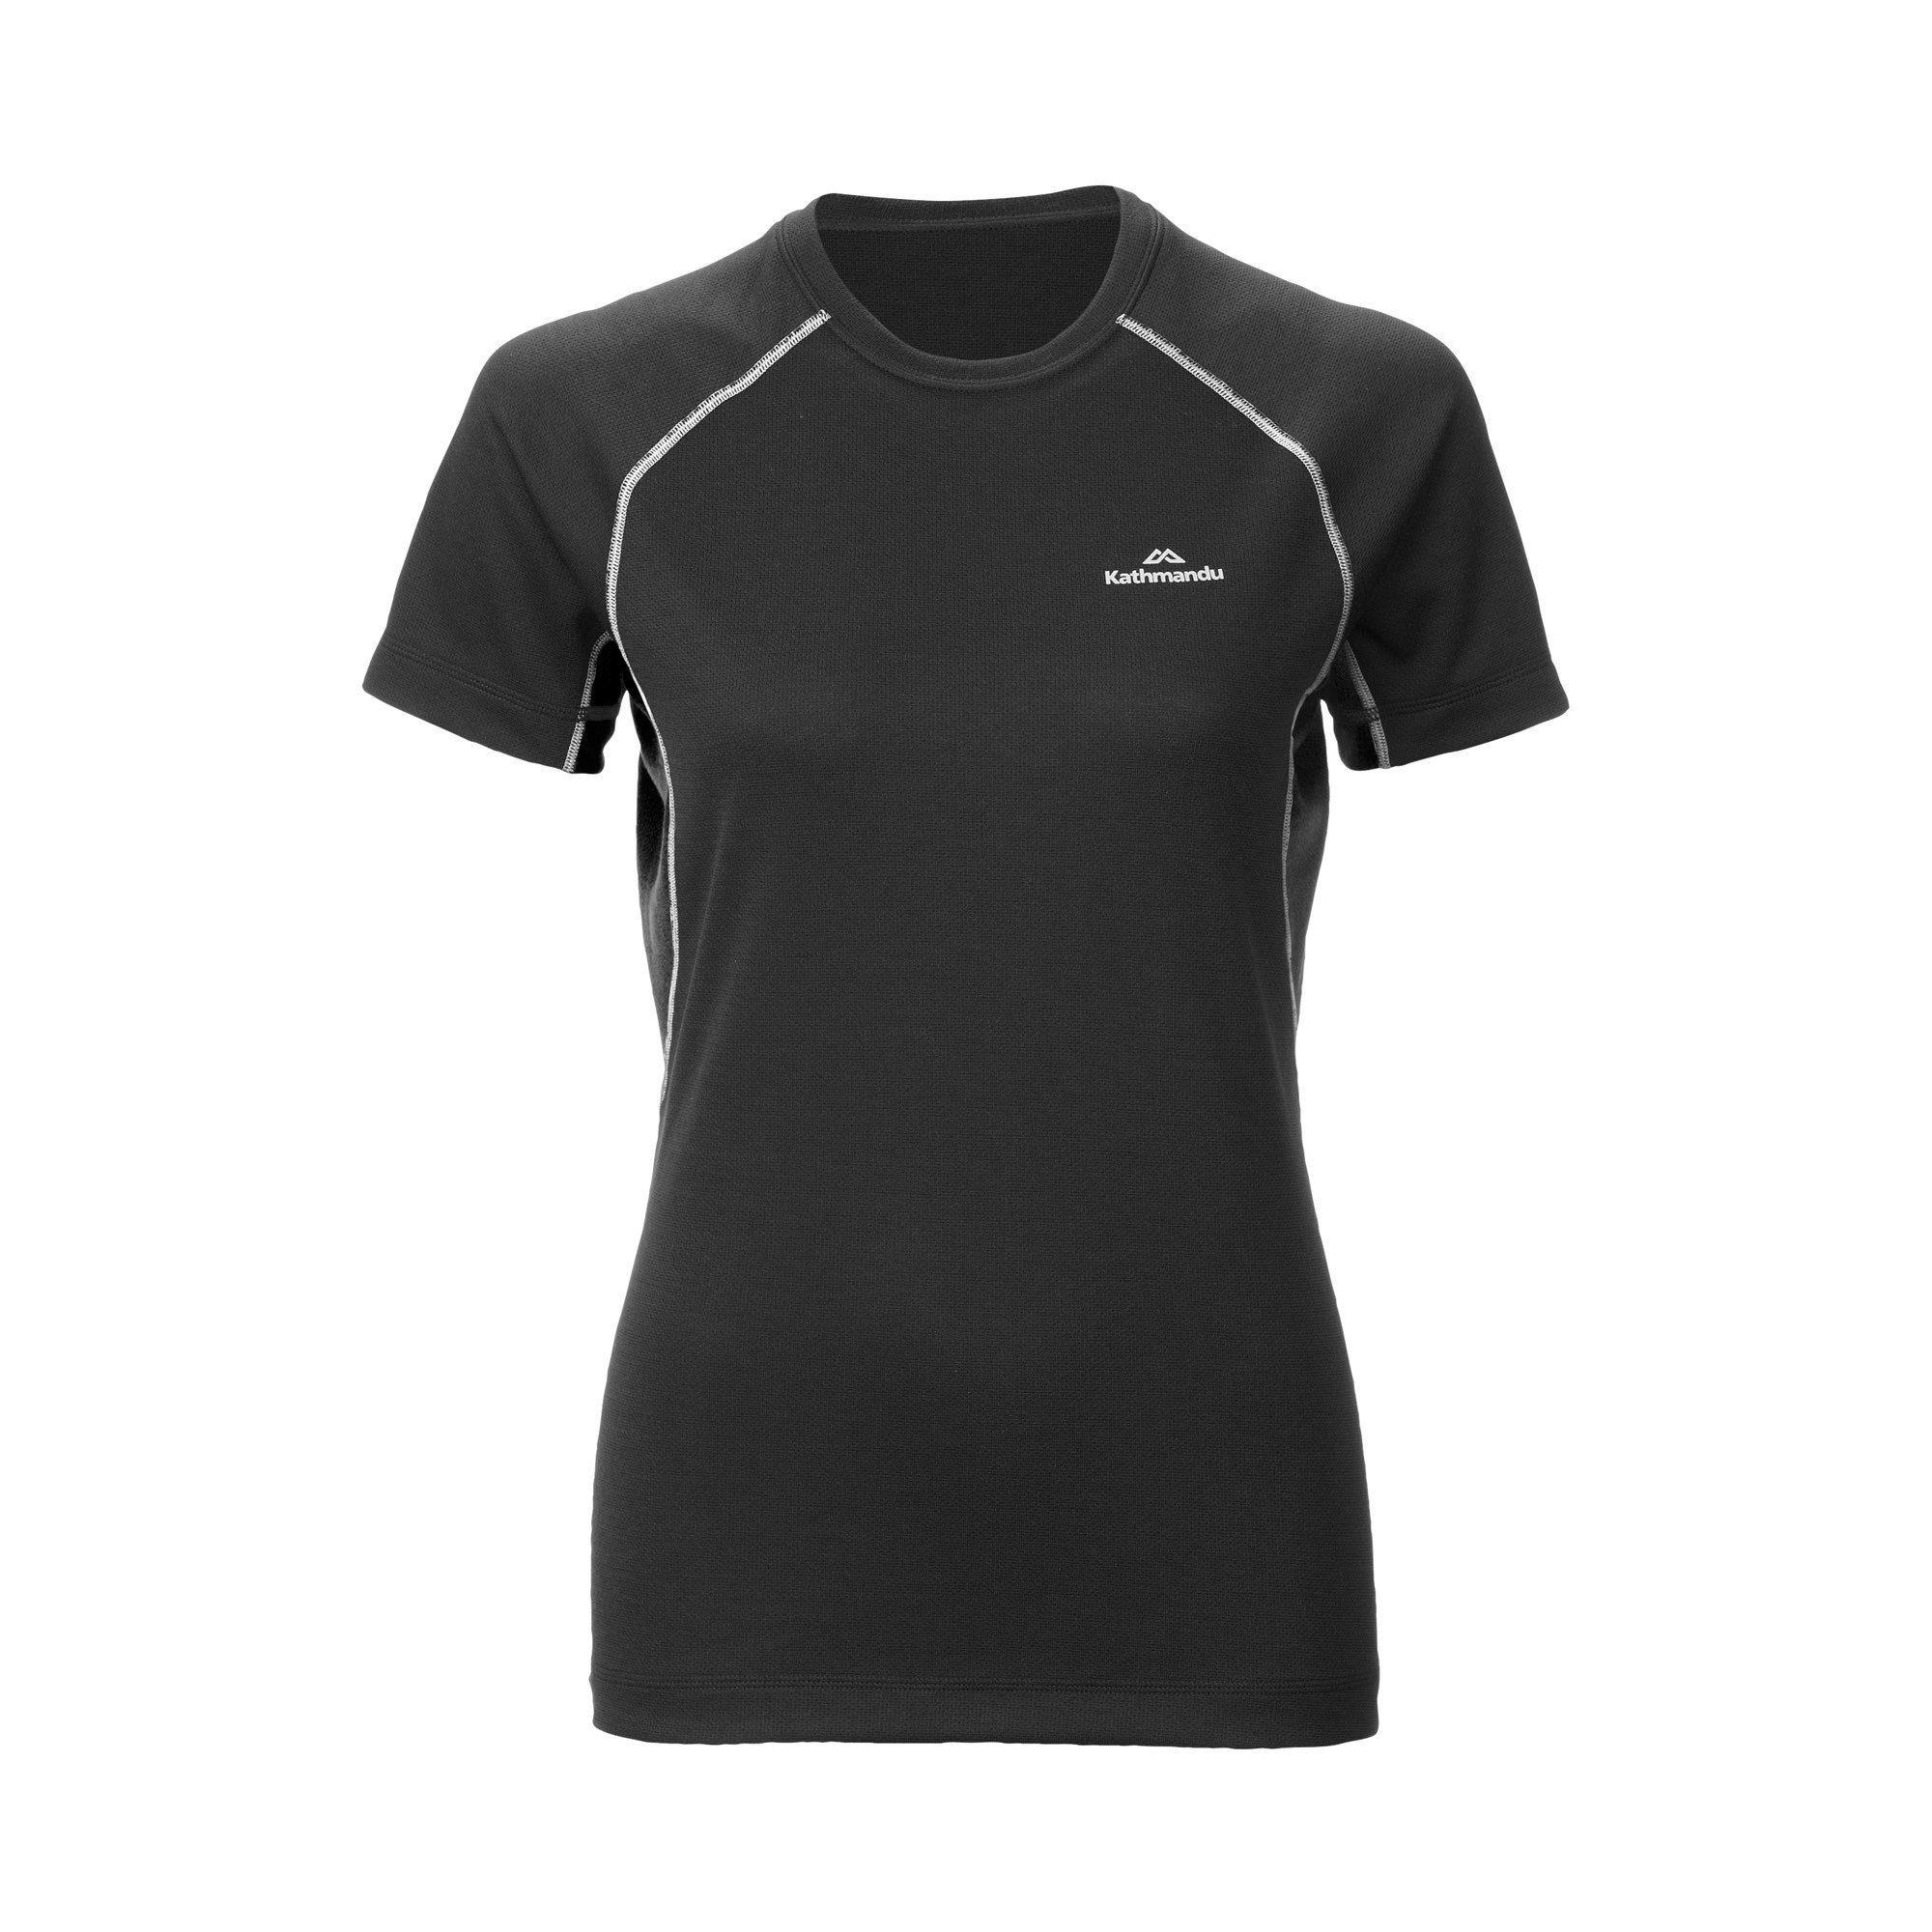 FäHig 2018 Marke Neue Reine Farbe Paar T-shirt Herrenbekleidung & Zubehör Perle Weiß 100% Baumwolle Rundhals Sommer Skateboard Freizeit Komfortable T-shirt.